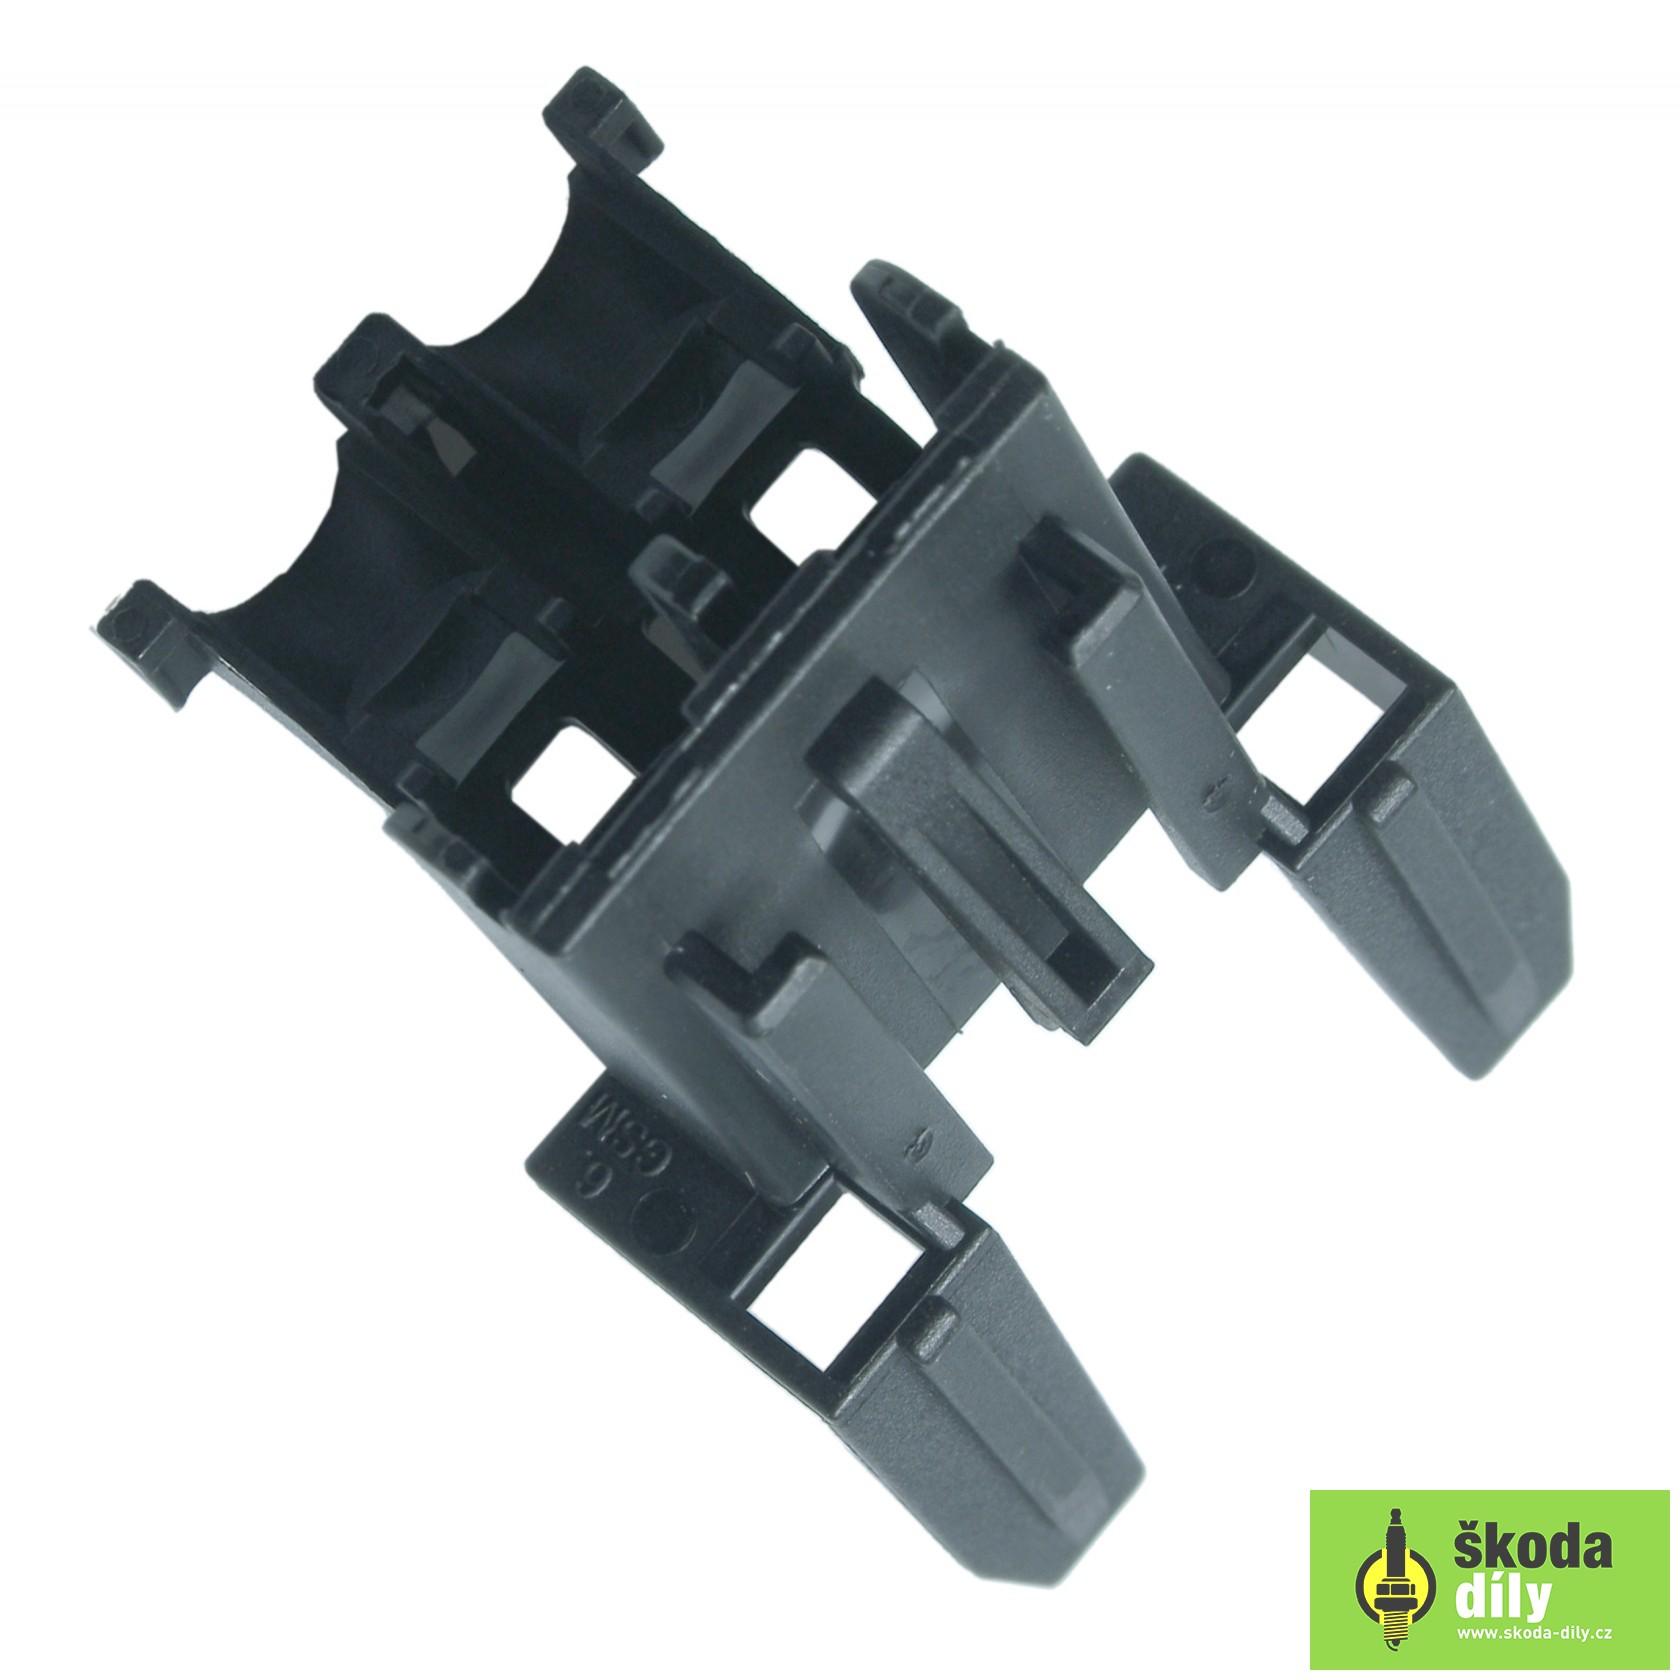 Fuse Holder 2 Pin Koda 4a0937530a Skoda Felicia Box